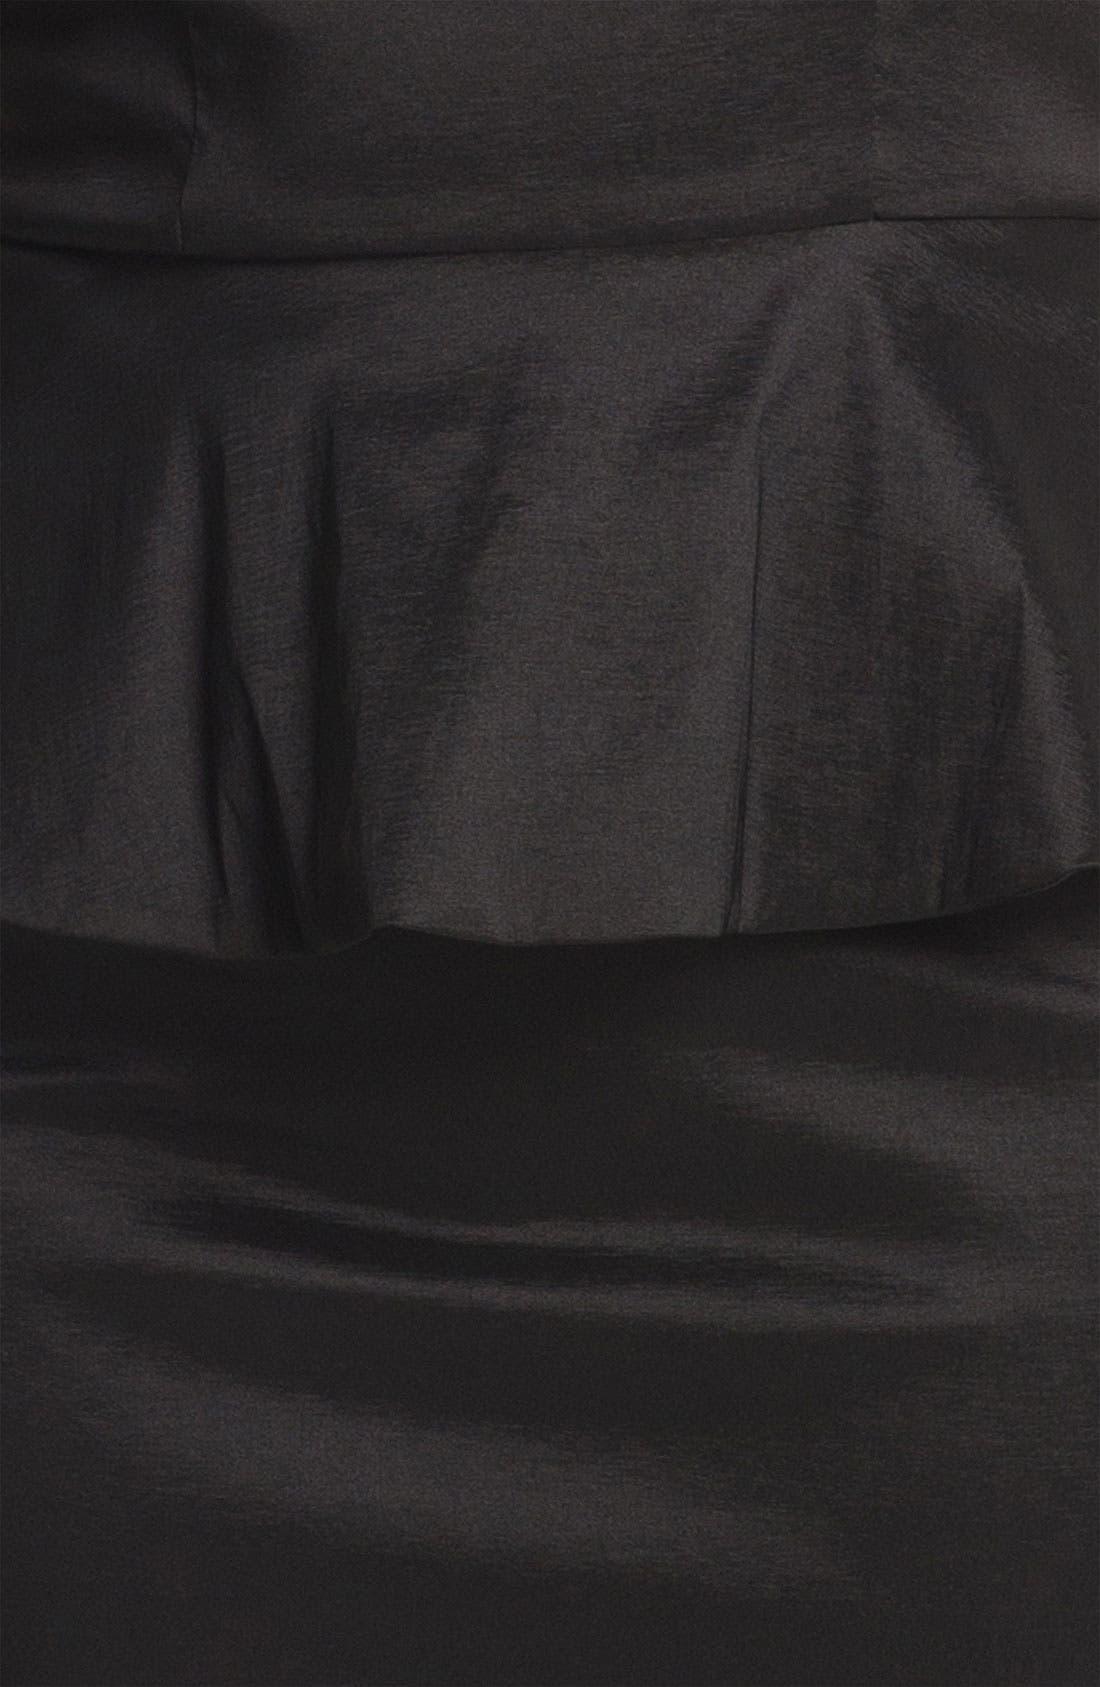 Lace Detail Peplum Dress,                             Alternate thumbnail 2, color,                             001